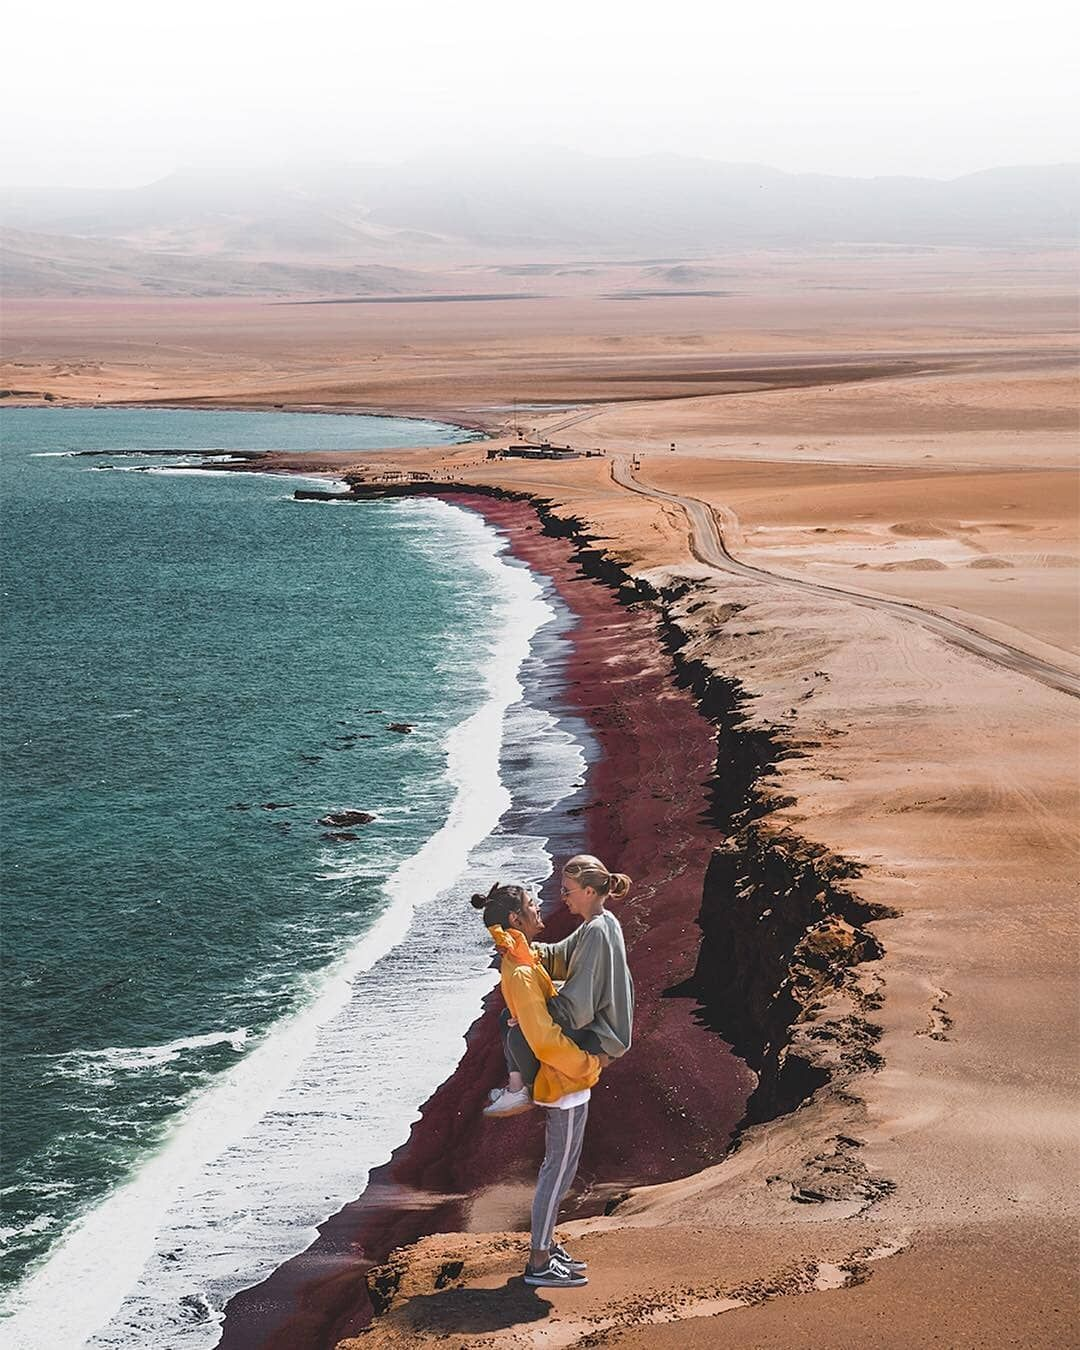 Perú En Una Toma On Instagram Mother Nature Working Here Magic 21 Septiembre Peru Travel Cusco Peru Peru